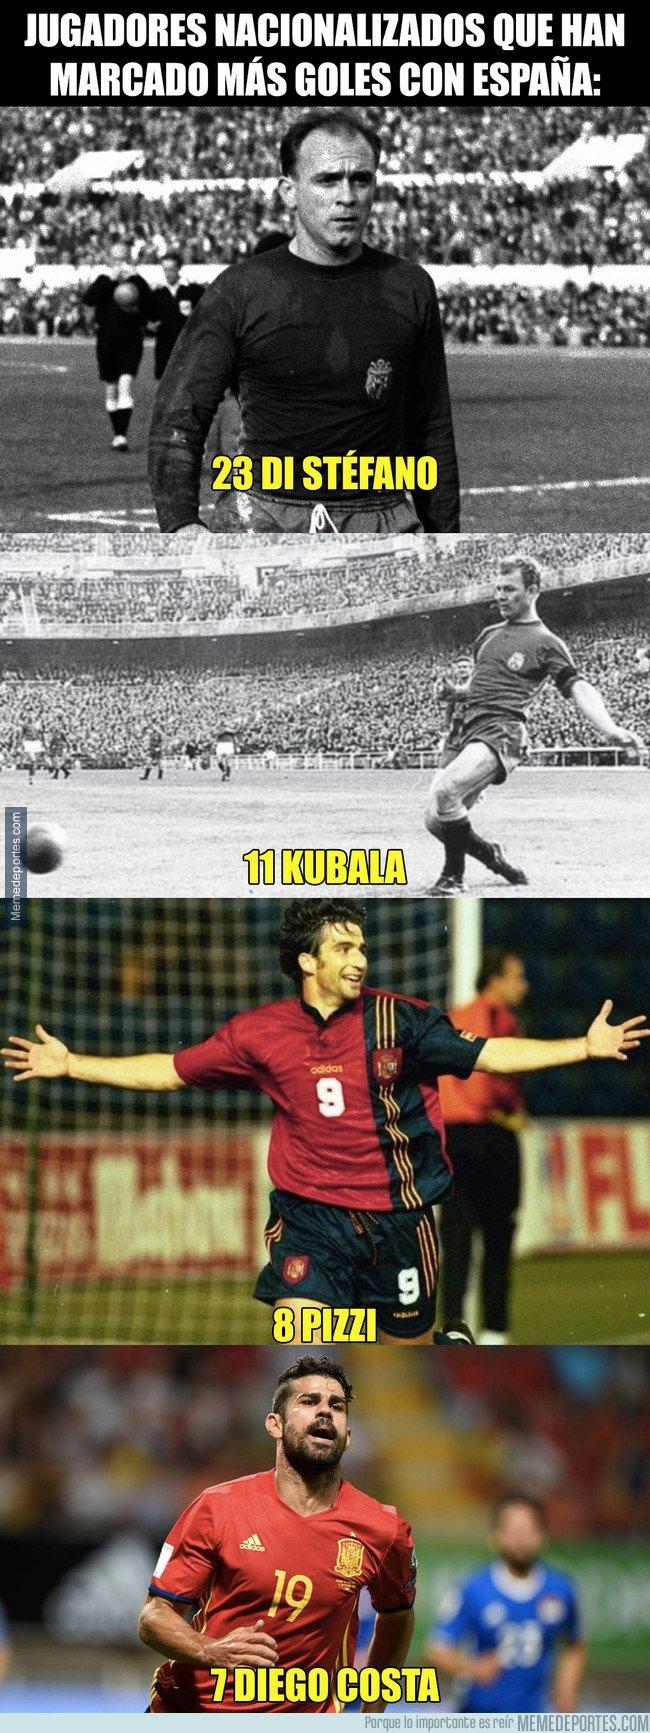 1027098 - Jugadores nacionalizados que han marcado más goles con España: